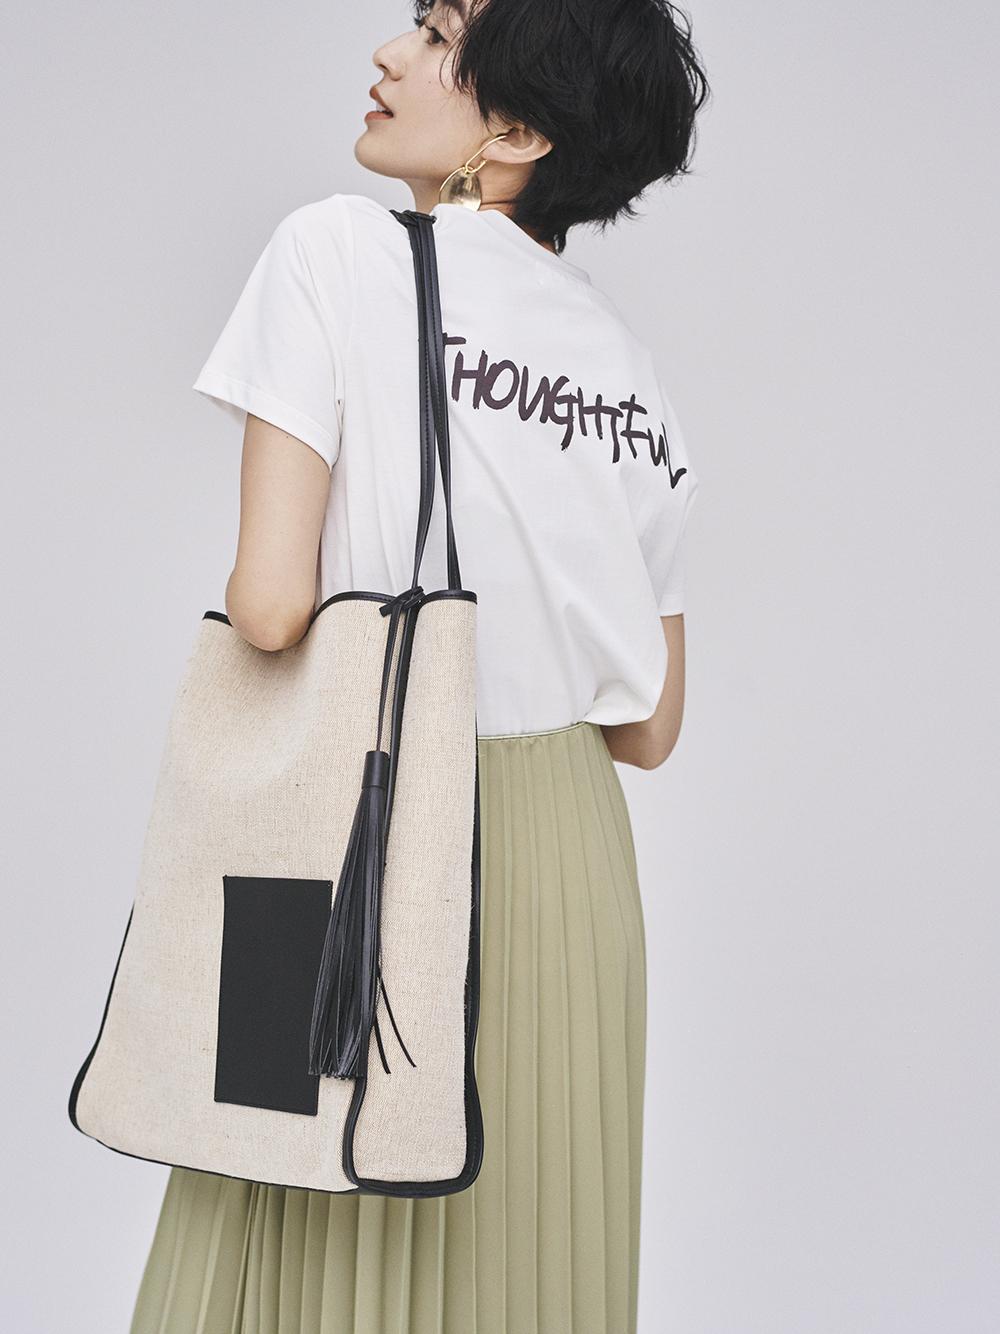 手書き風ロゴTシャツ(WHT-0)